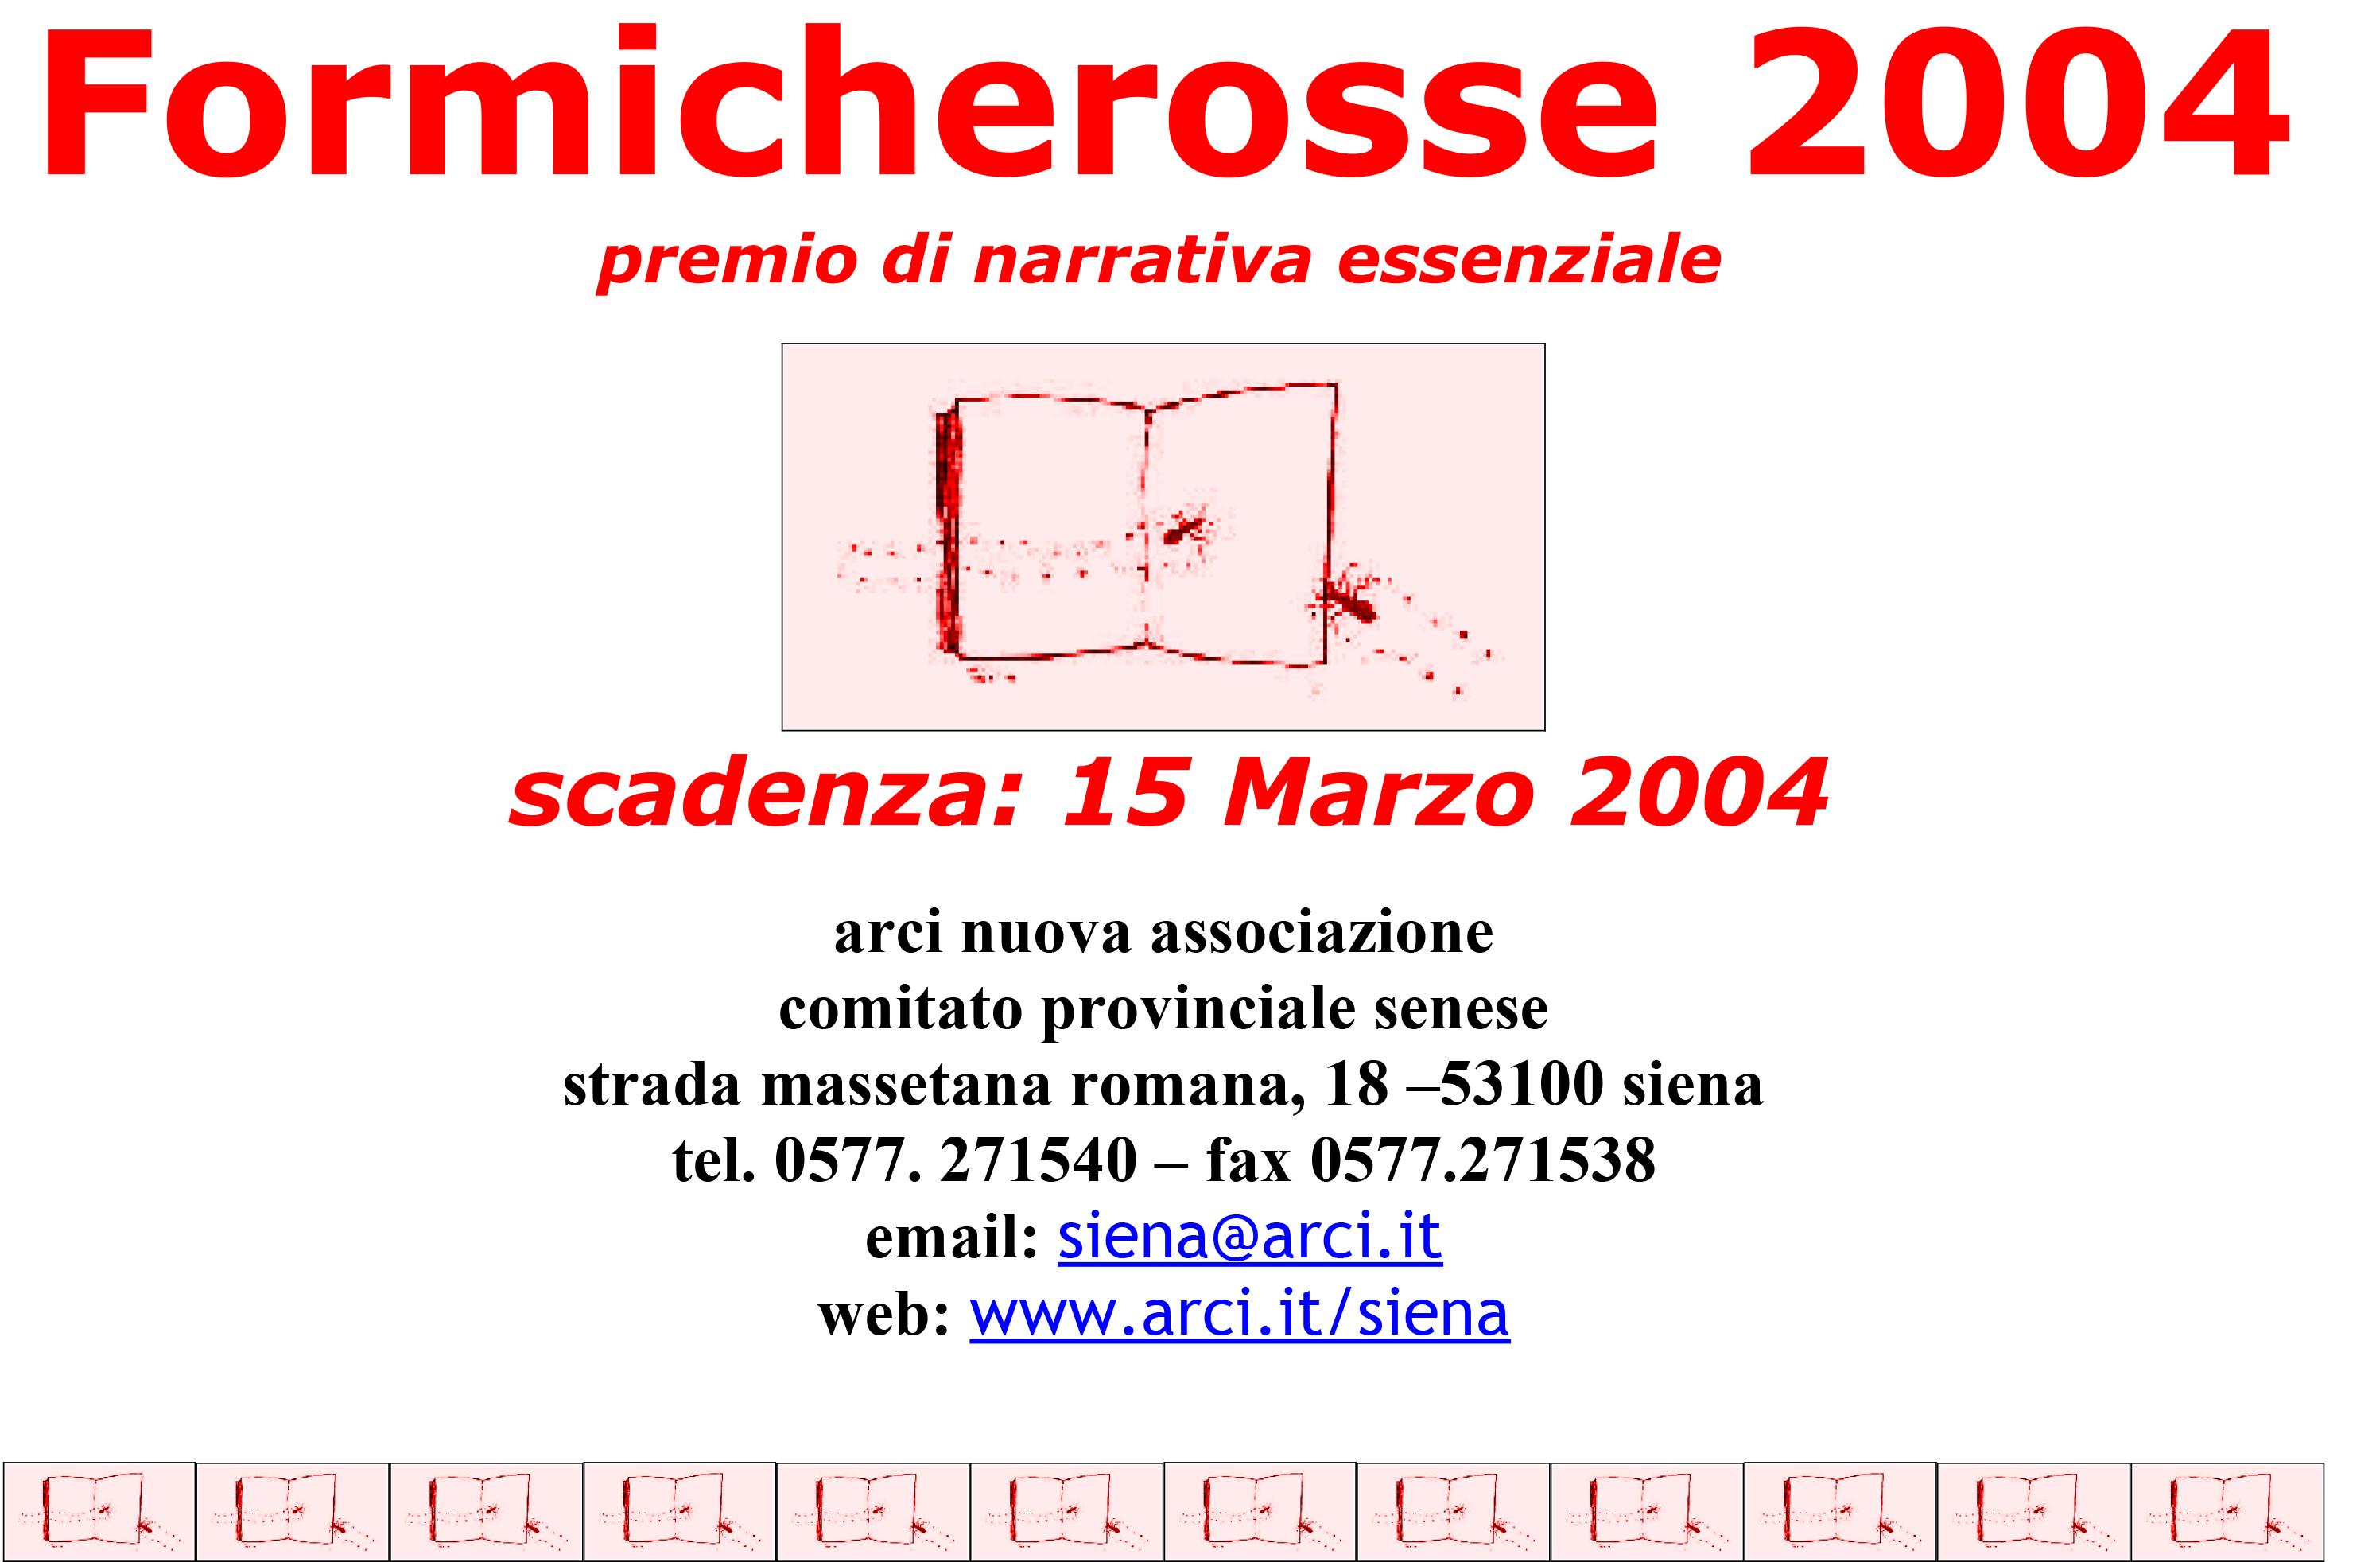 """Facsimile della scheda personale di adesione al premio """"Formic"""